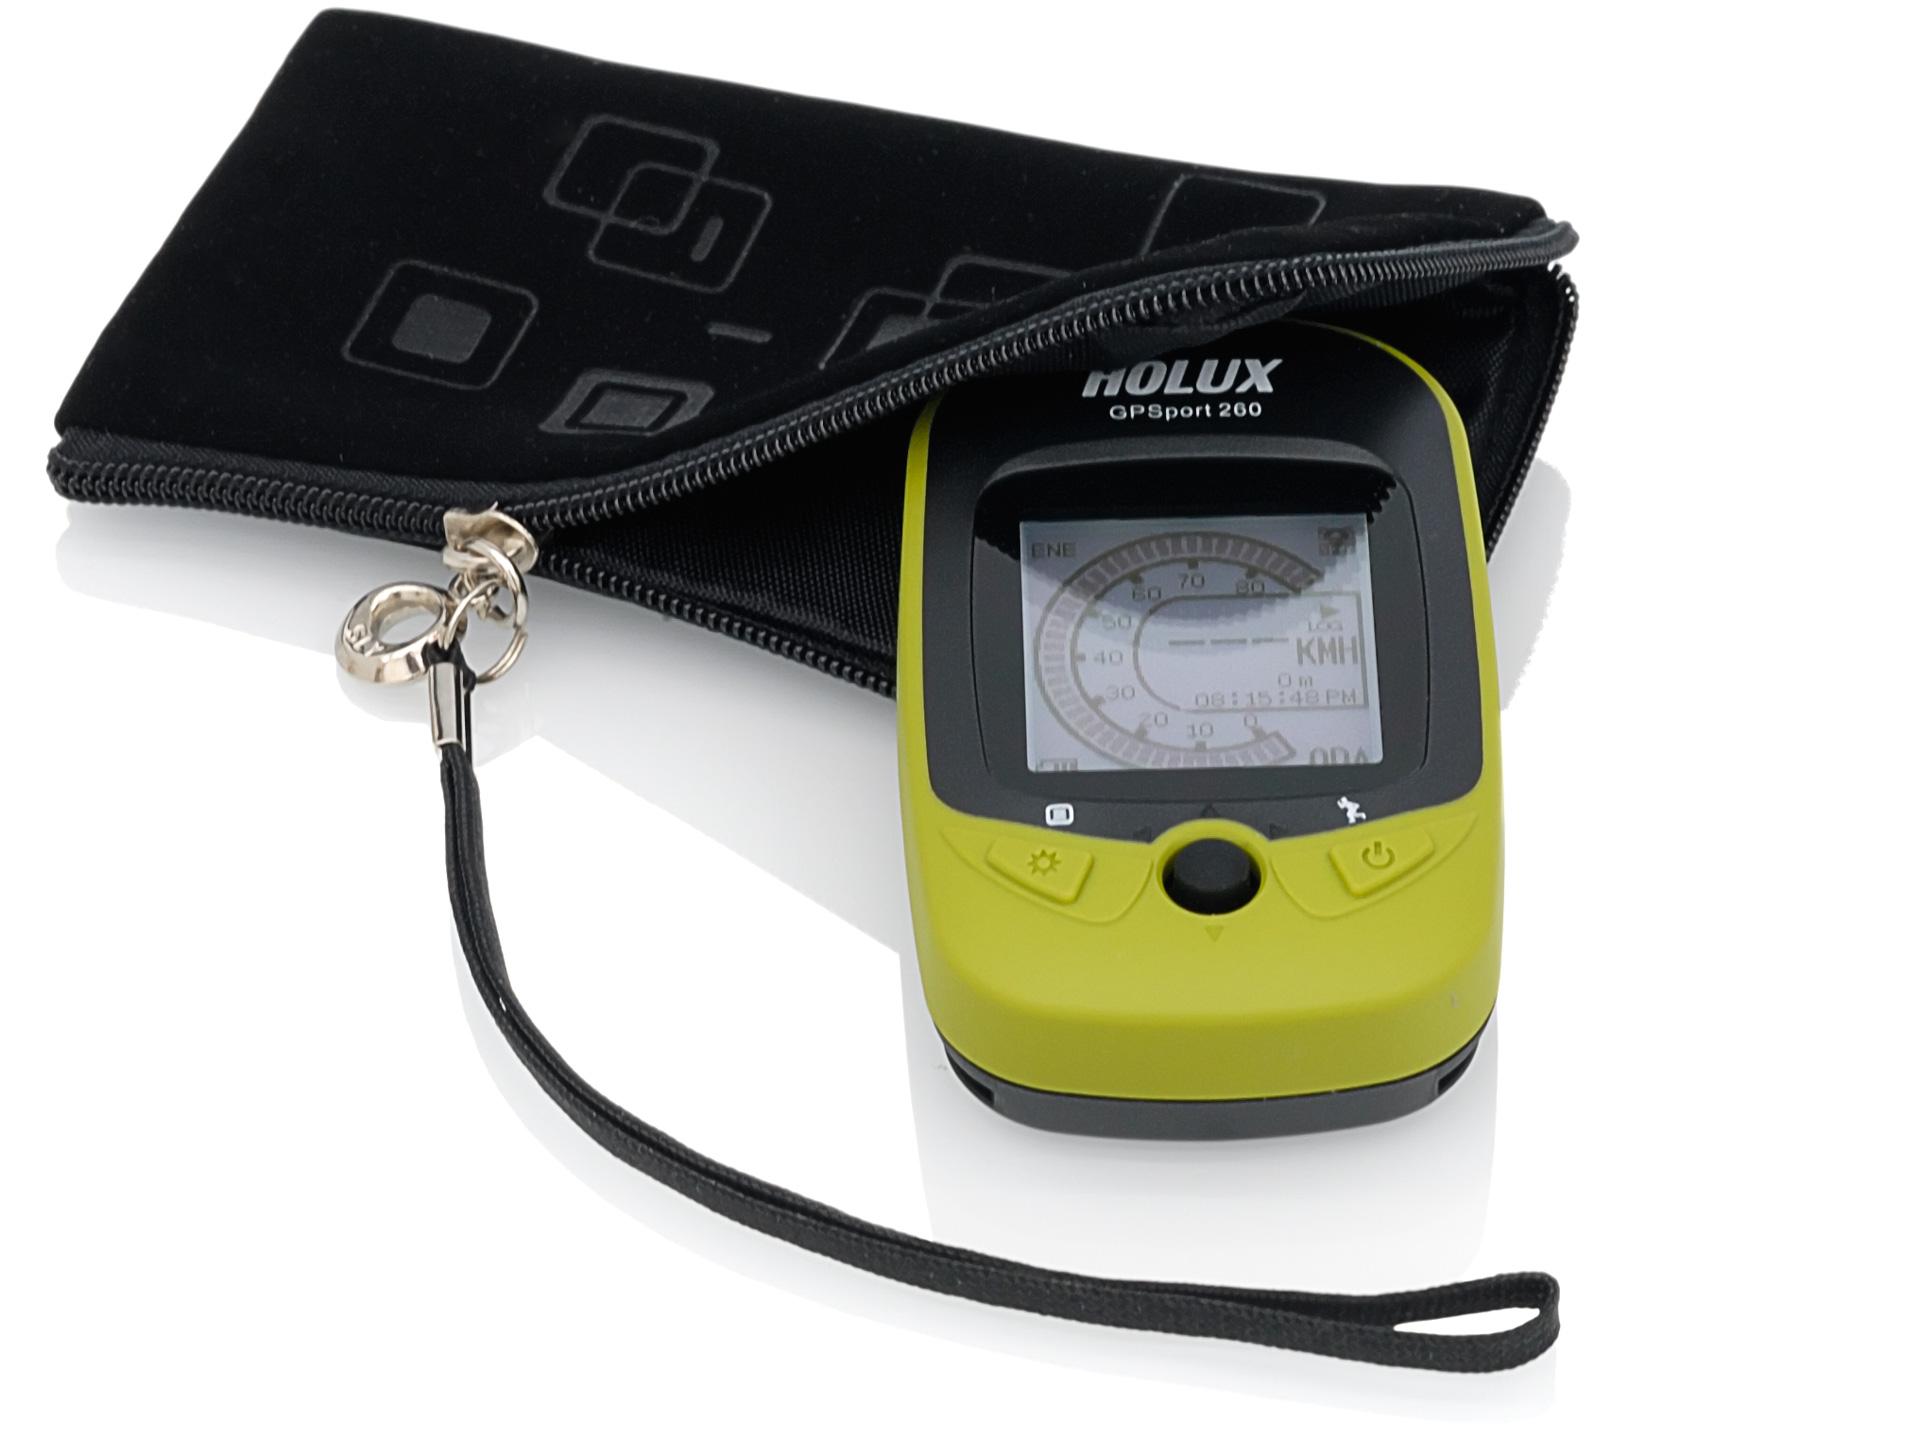 Holux GPSport 260 in einer Neopren Tasche